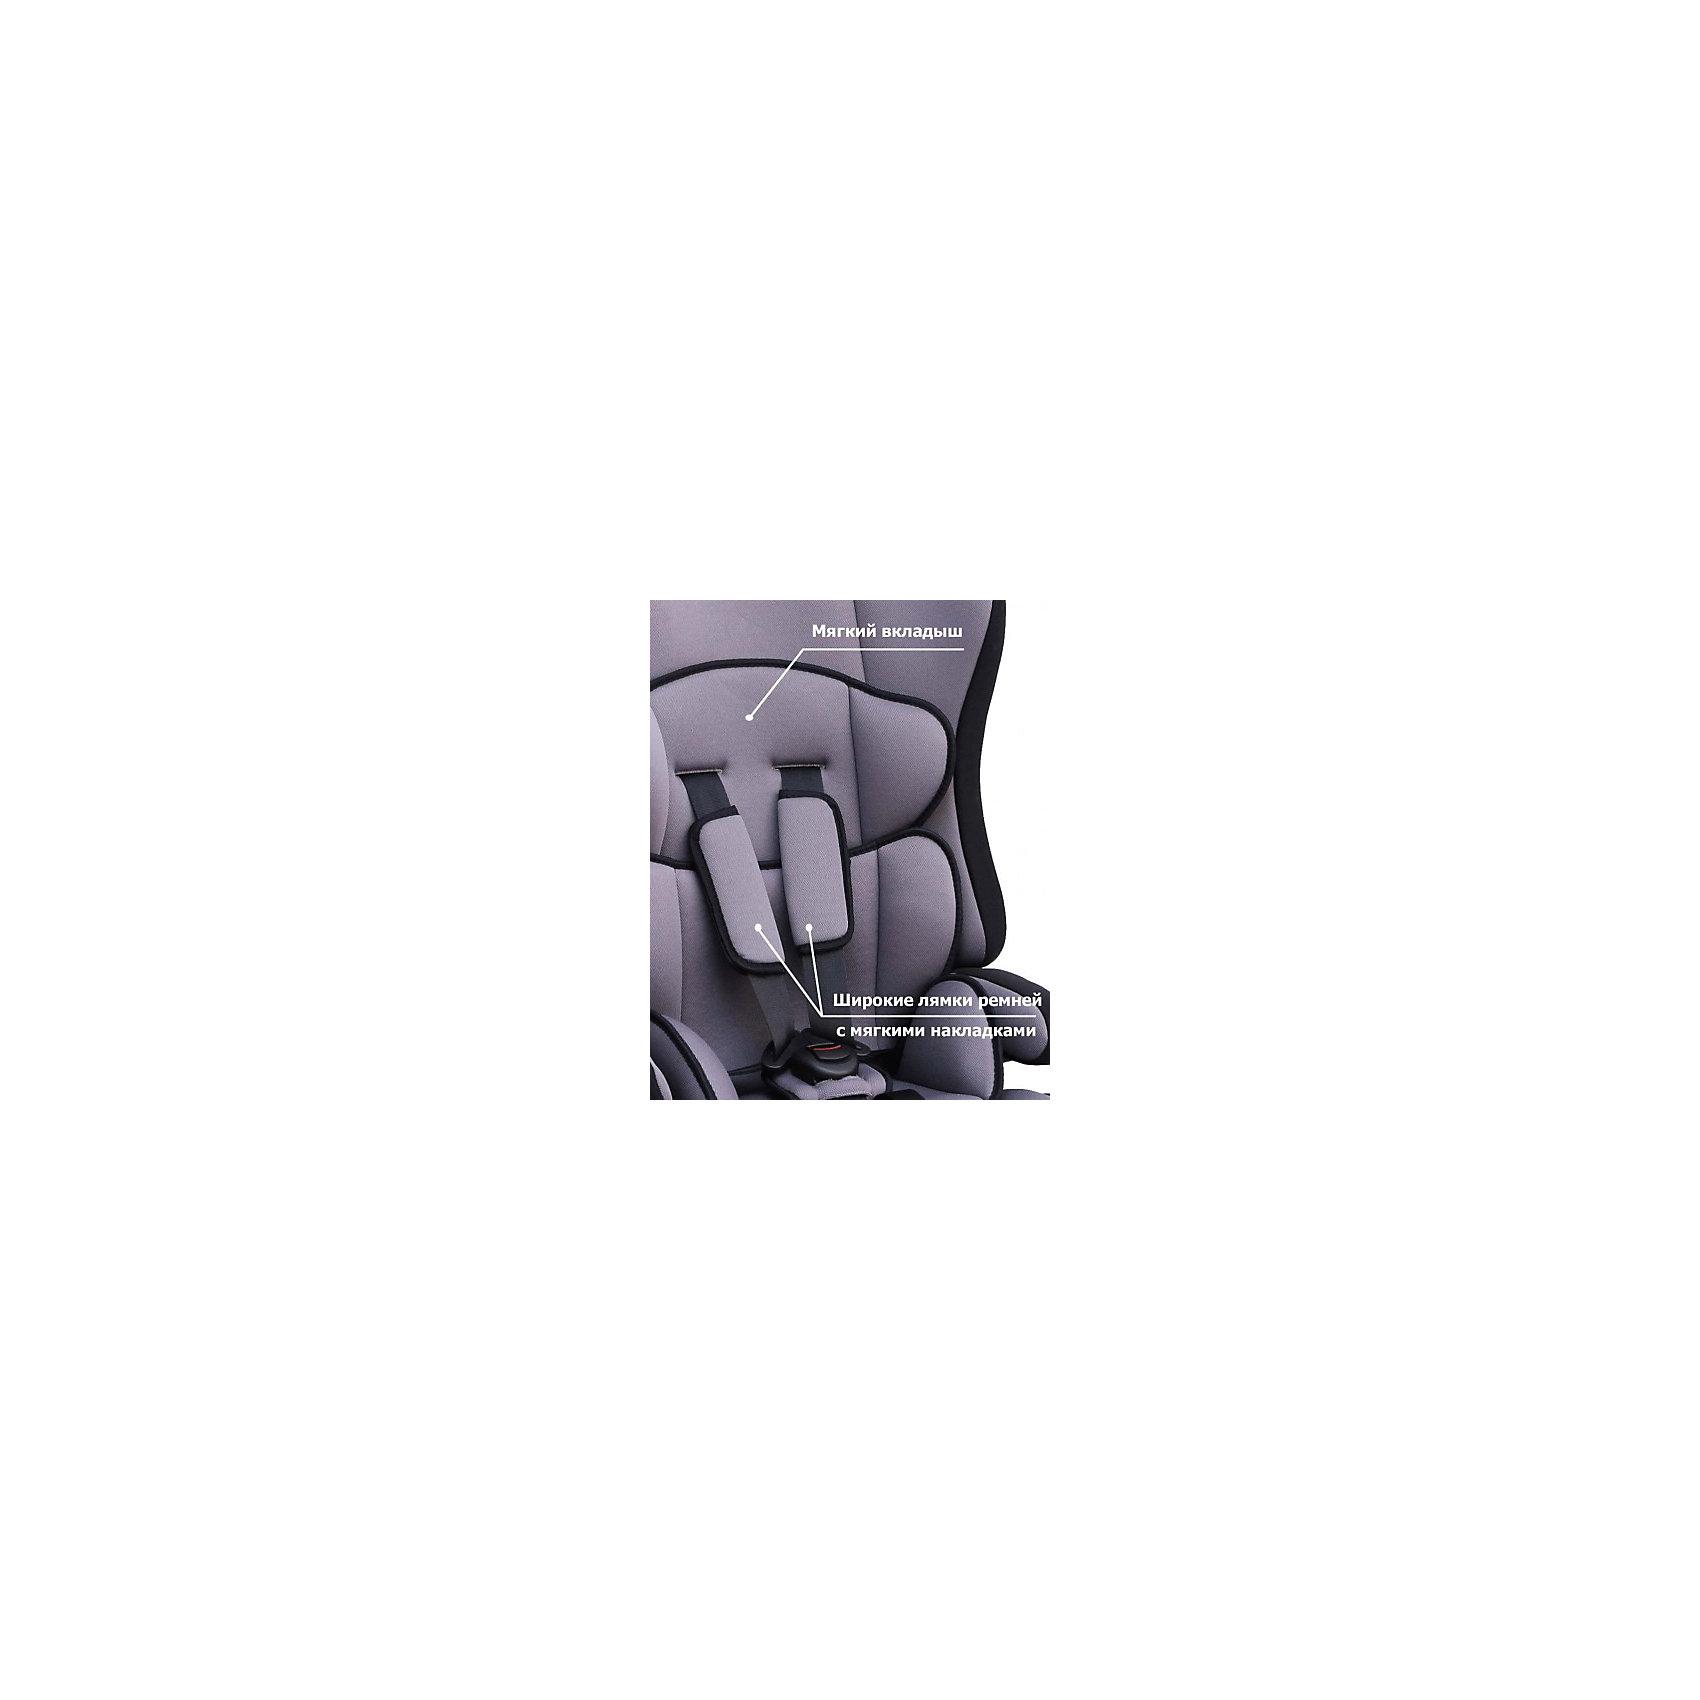 Автокресло Siger Прайм isofix 9-36 кг, серый